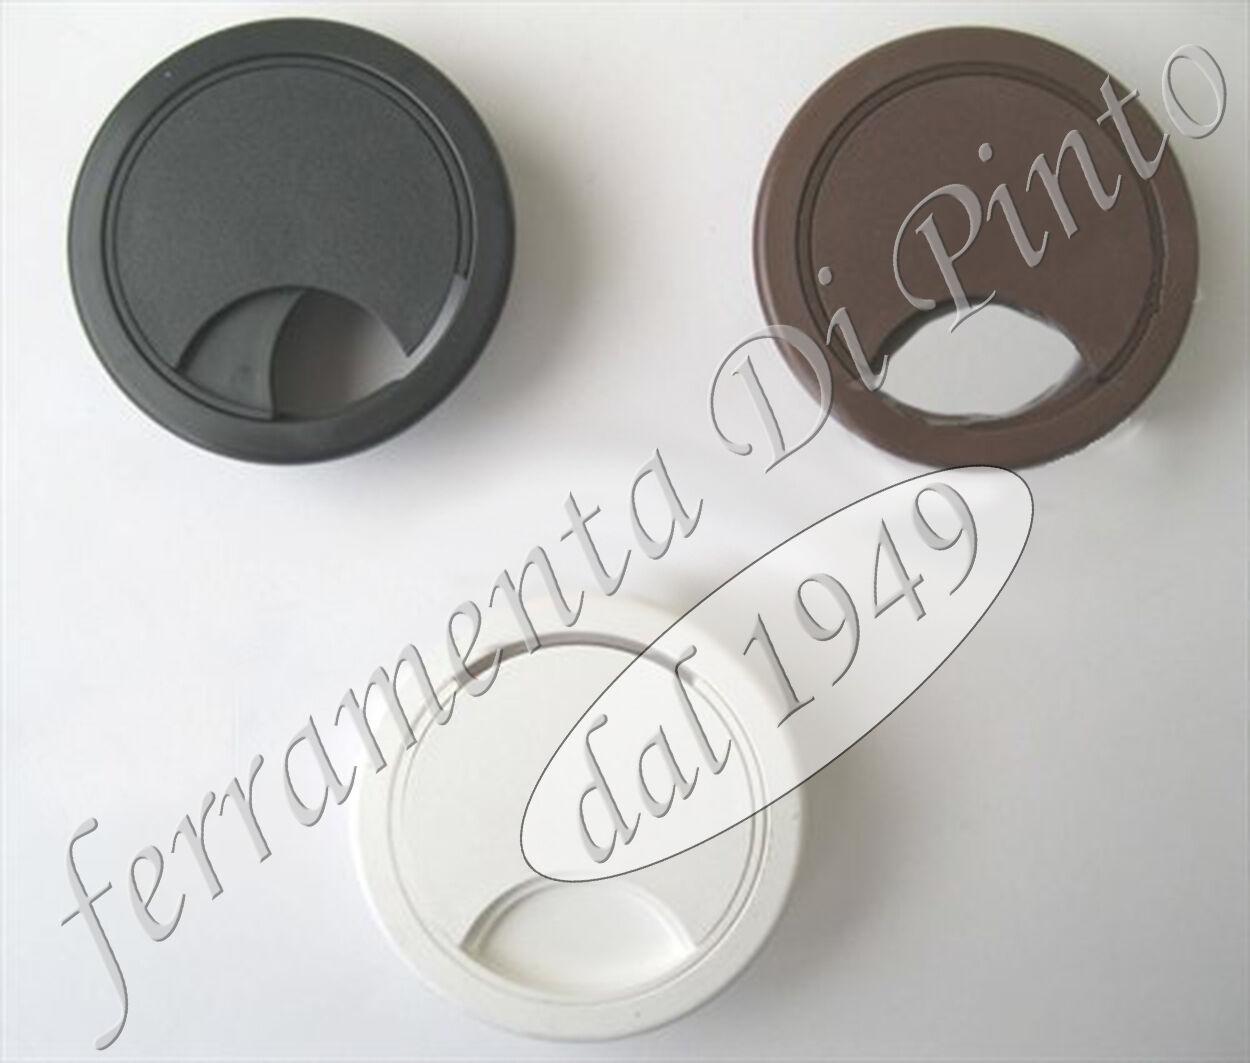 50 Strain Relief MM 80 Nozzle Desk Table Cap Plastic White Brown Black